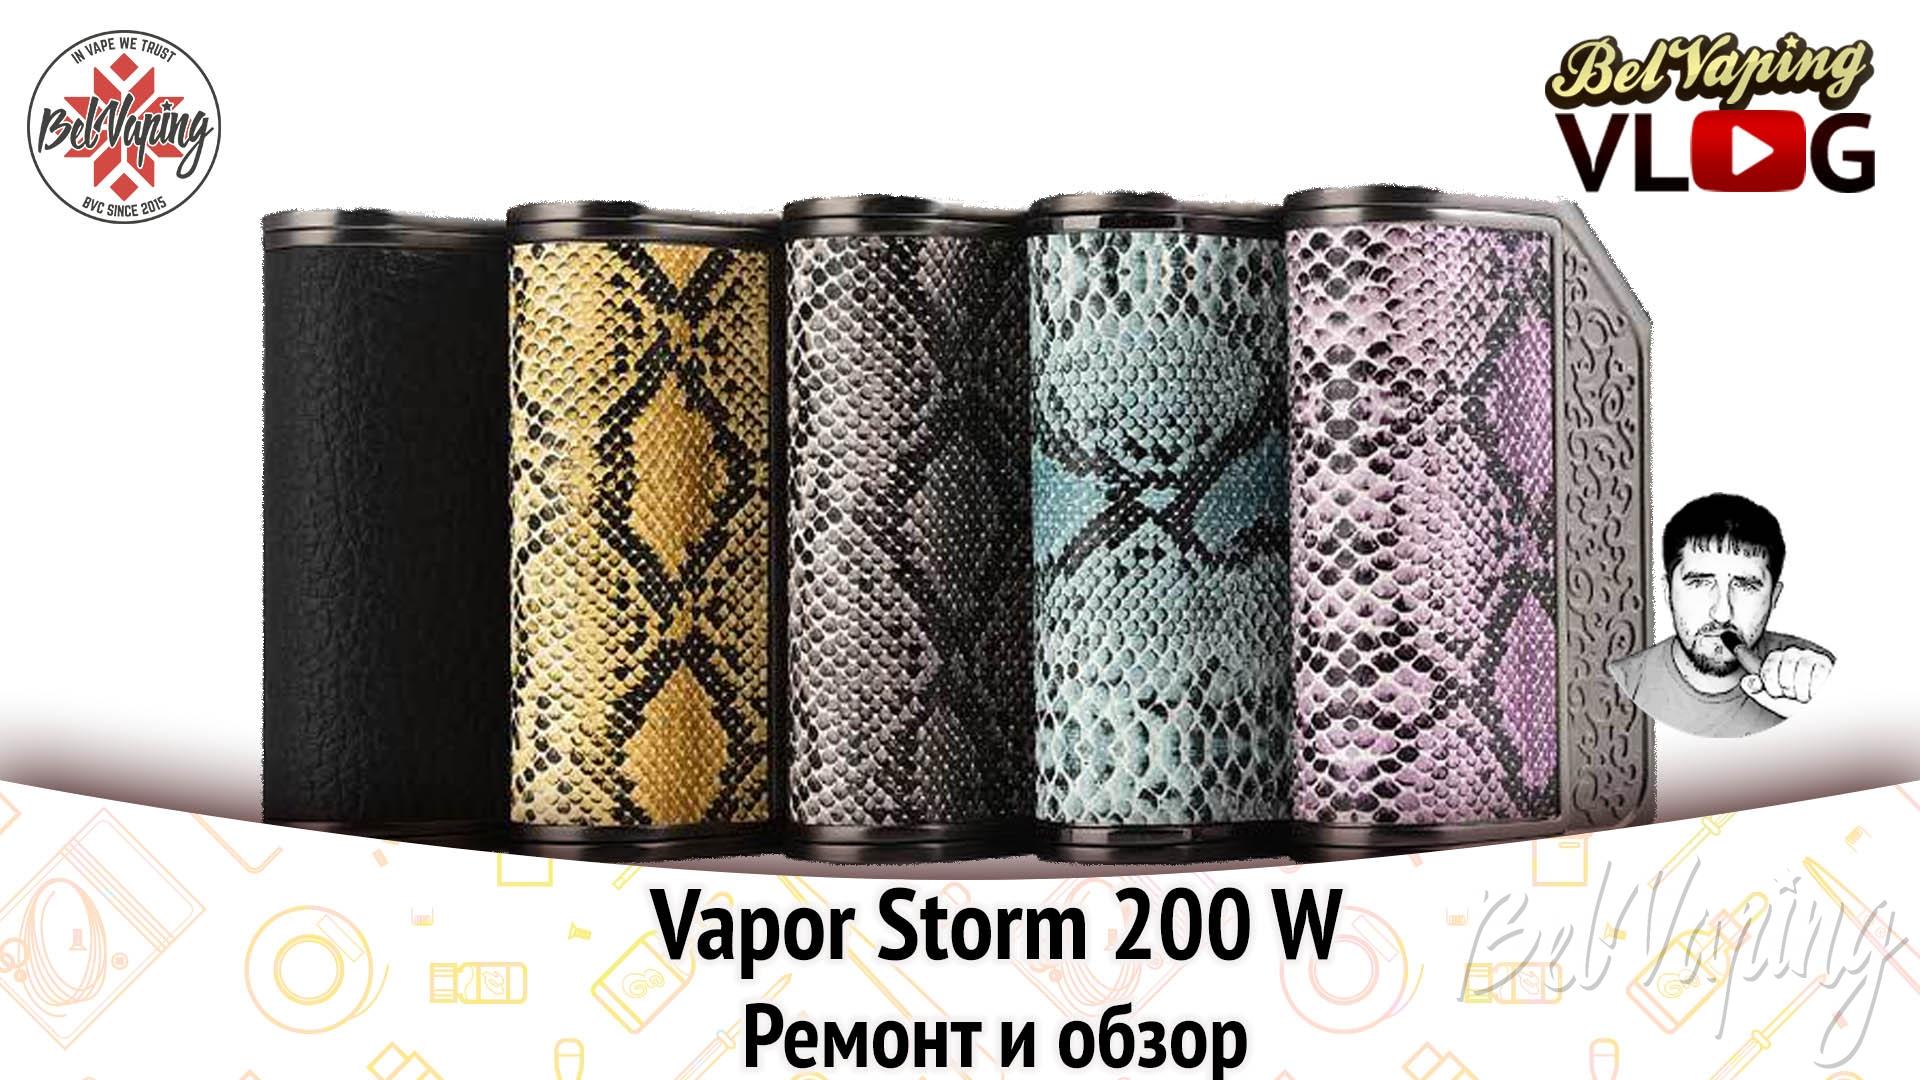 Обзор и ремонт боксмода Vapor Storm 200W